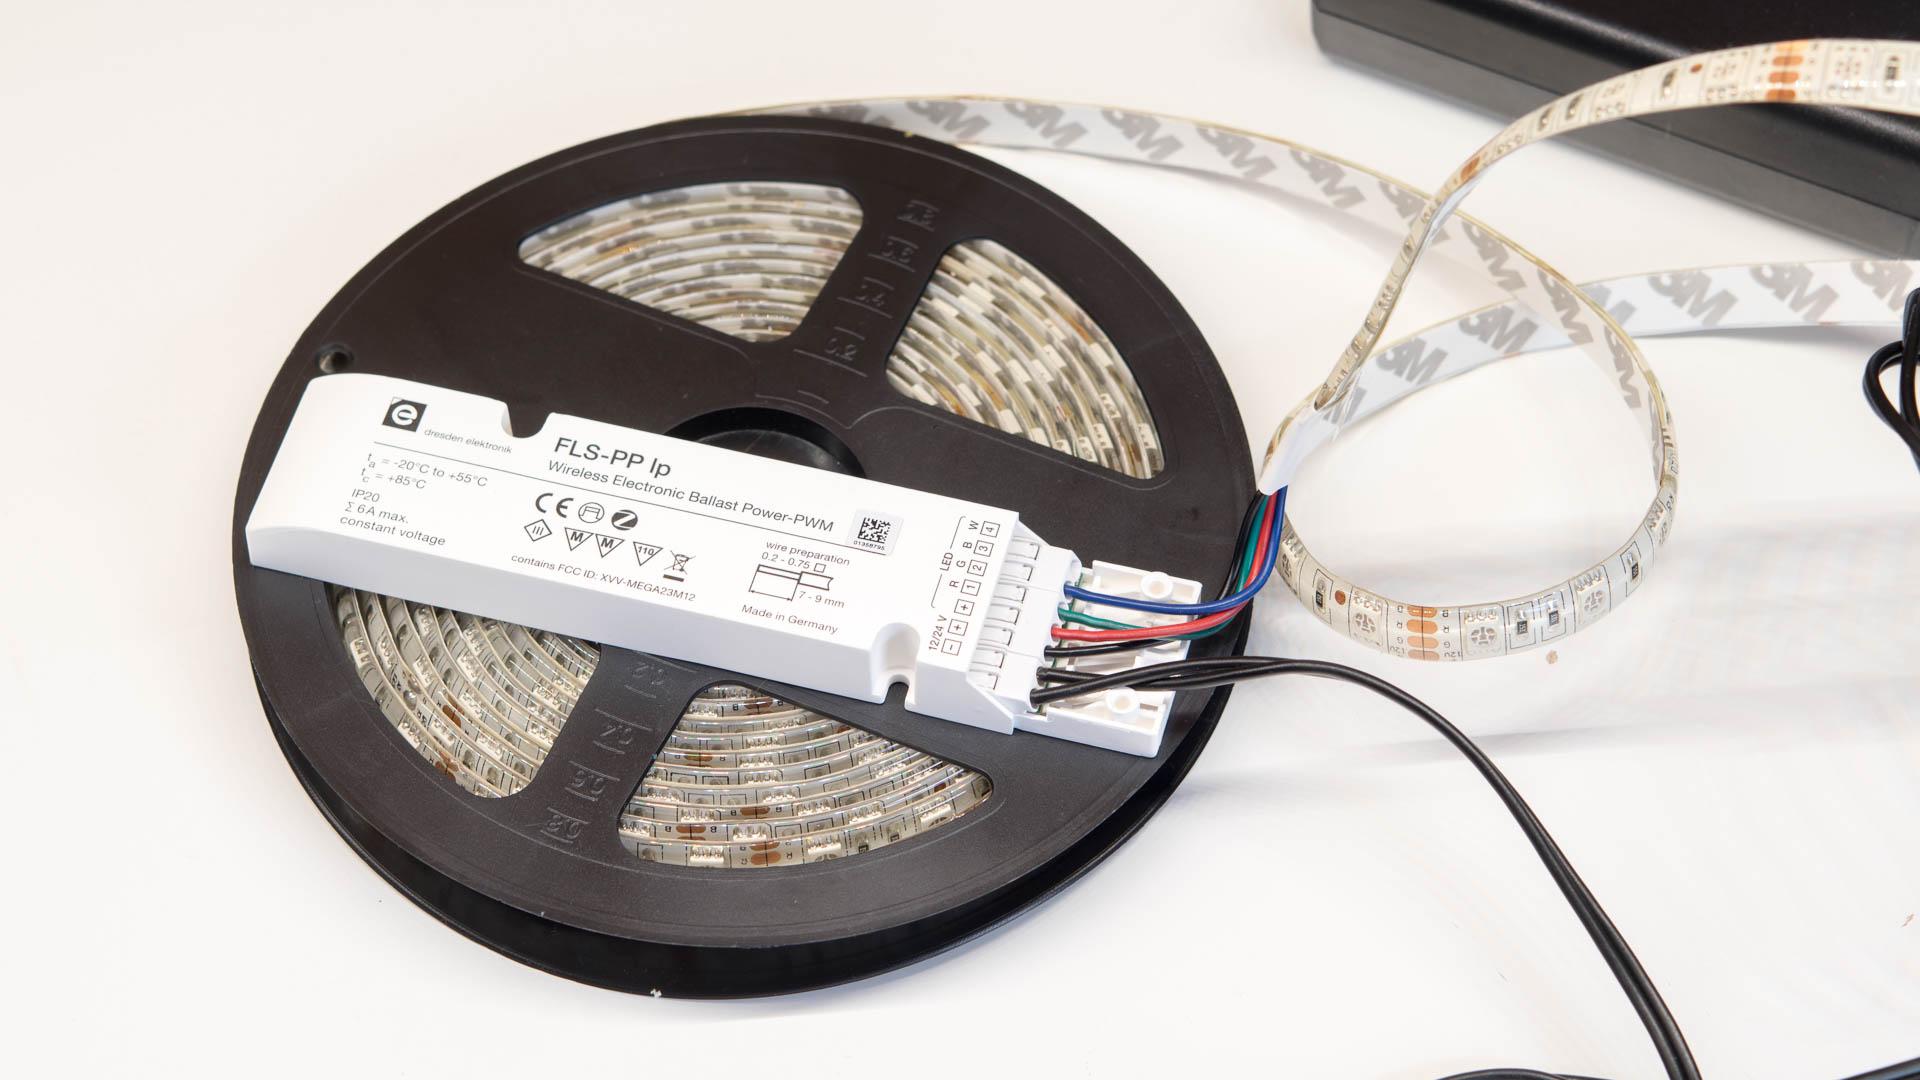 Starten Philips Hue : Einen rgb led streifen nachträglich philips hue kompatibel